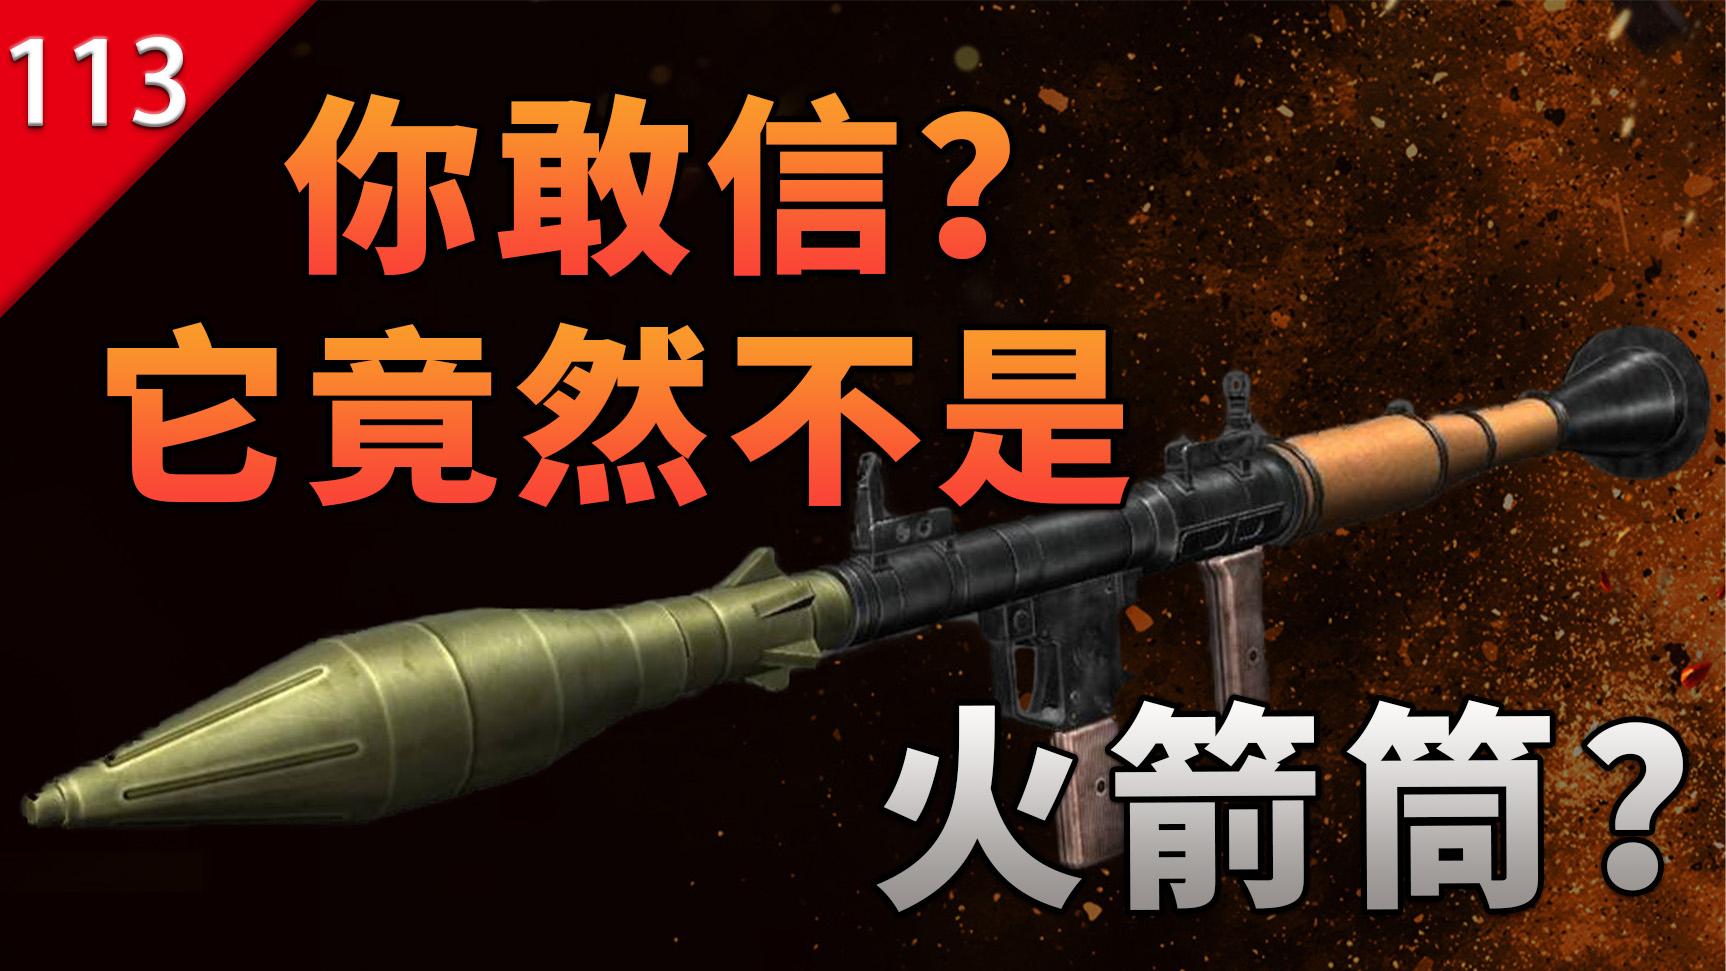 """【不止游戏】你敢信?最常见到的""""火箭筒""""竟然不是火箭筒啊!"""